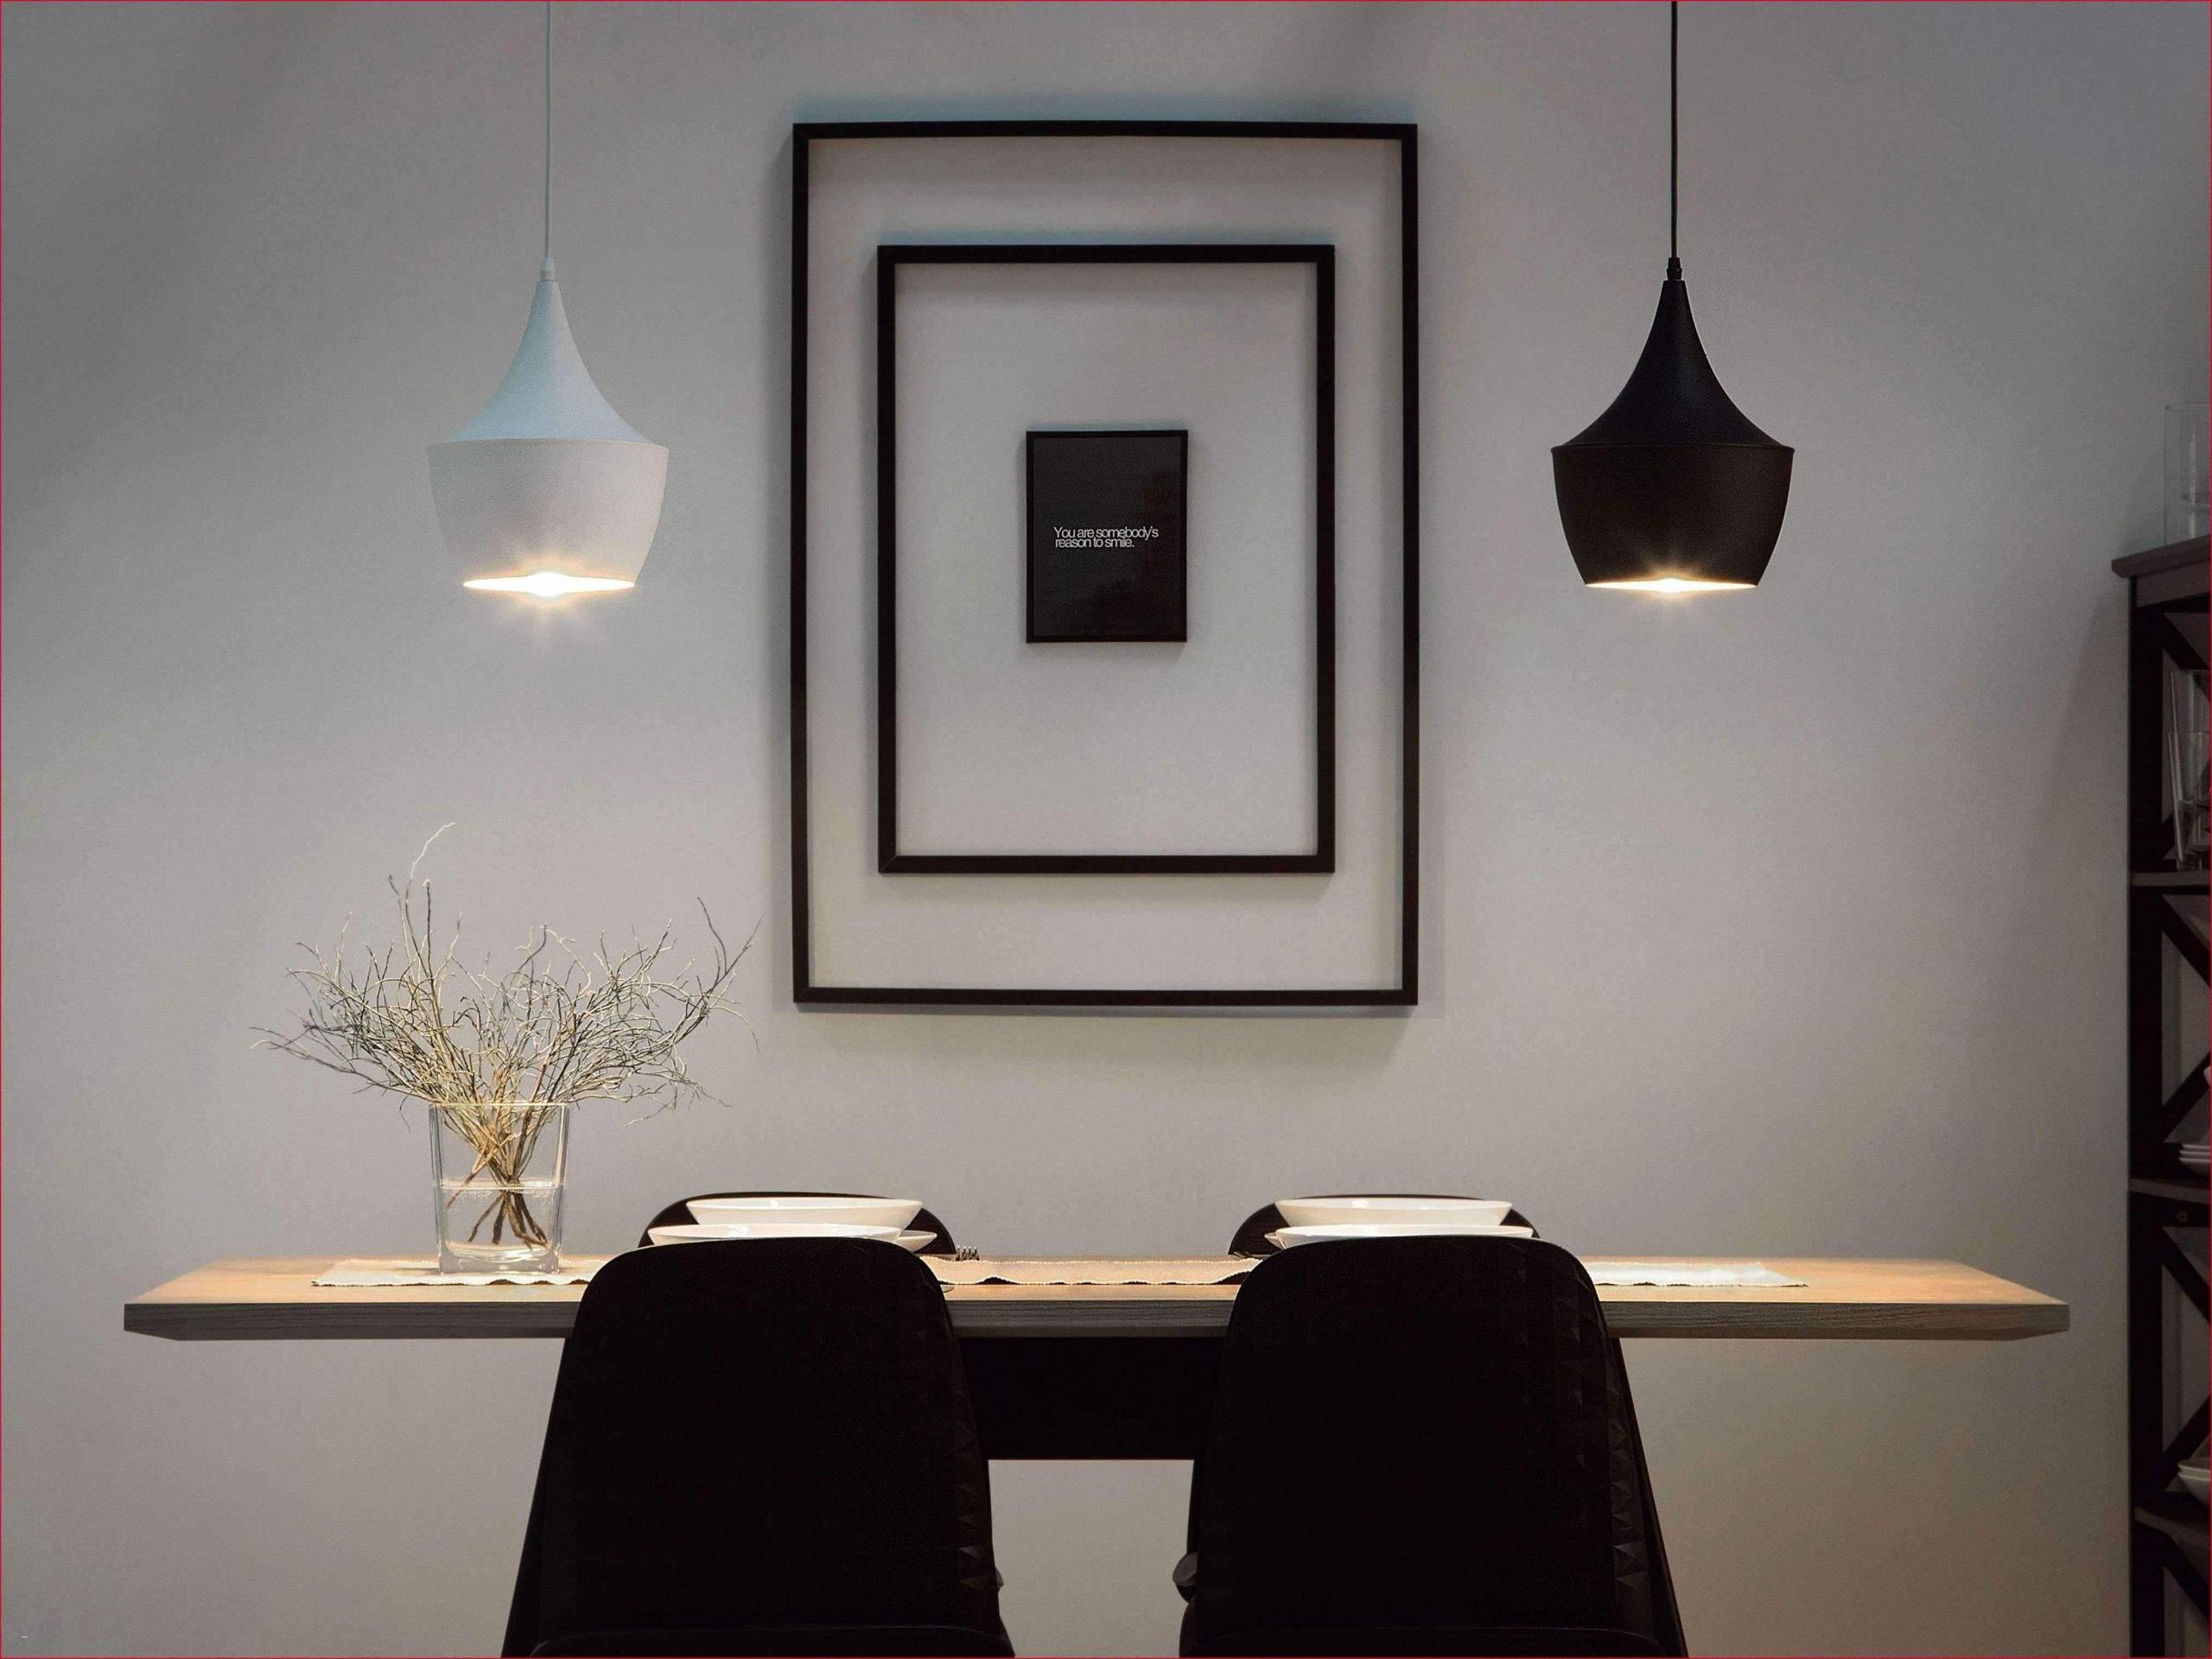 wohnzimmer beleuchtung ideen einzigartig schon licht lampe sammlung von lampe idee lampe ideen of wohnzimmer beleuchtung ideen scaled